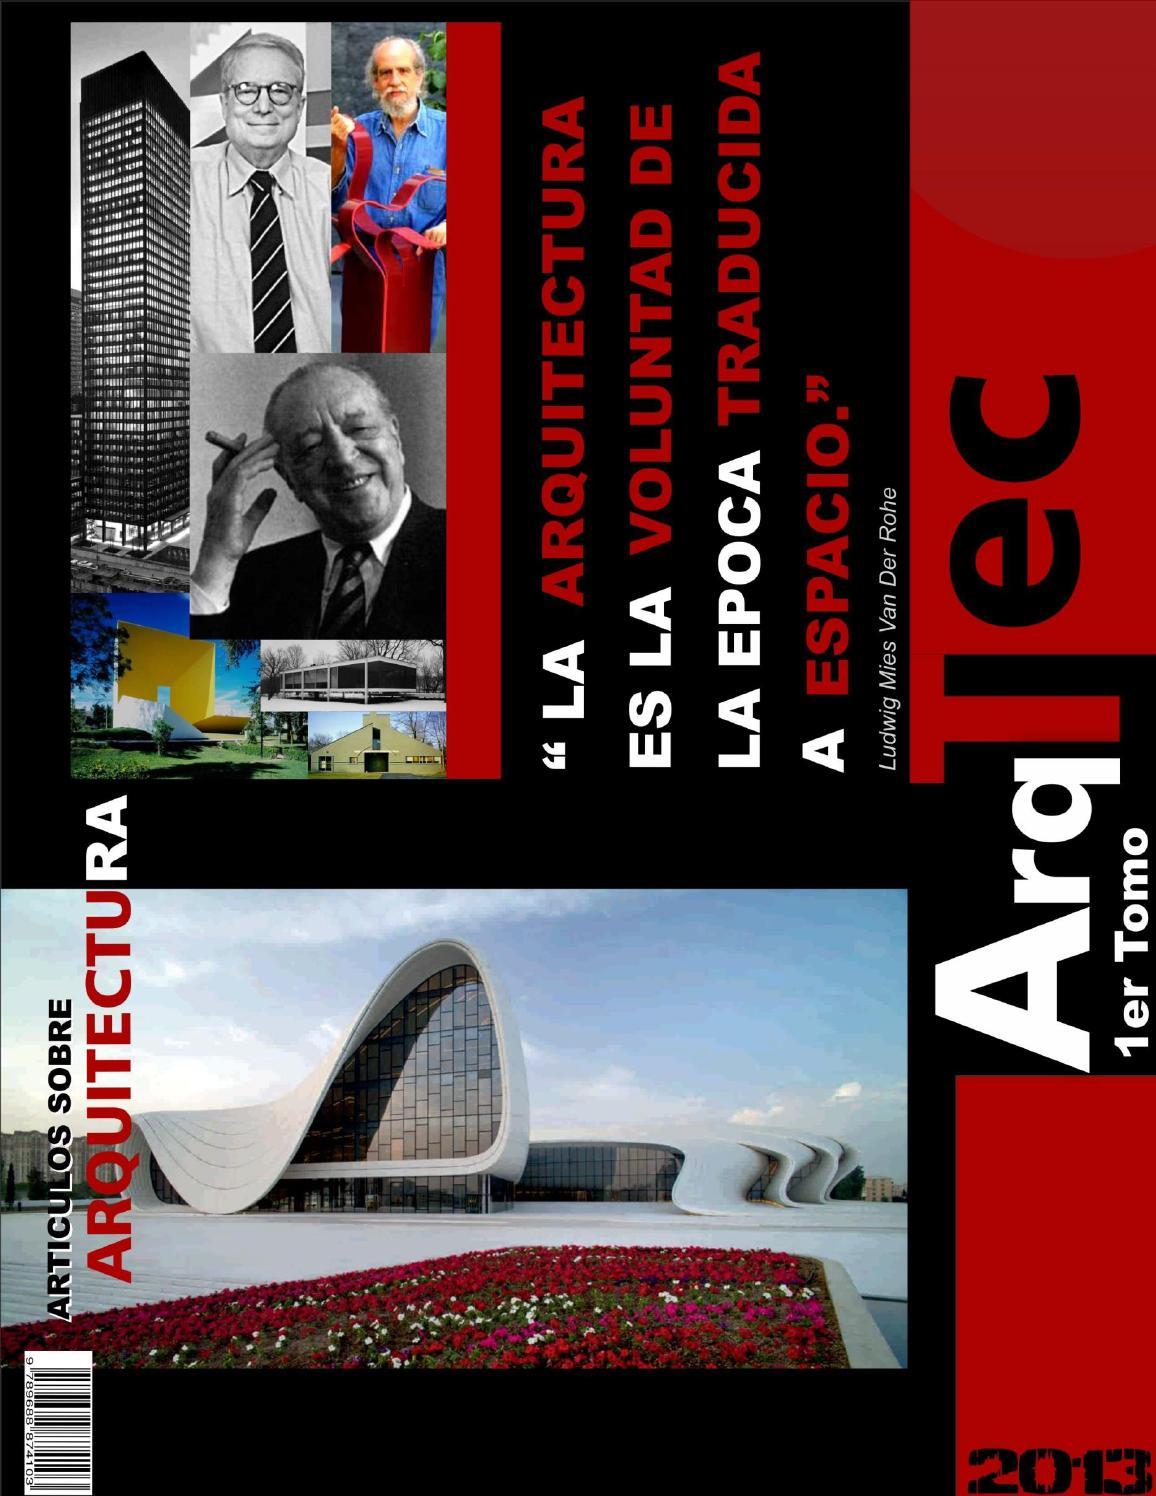 ARTICULOS by JOSÉ MANUEL COCOLÁN C - issuu